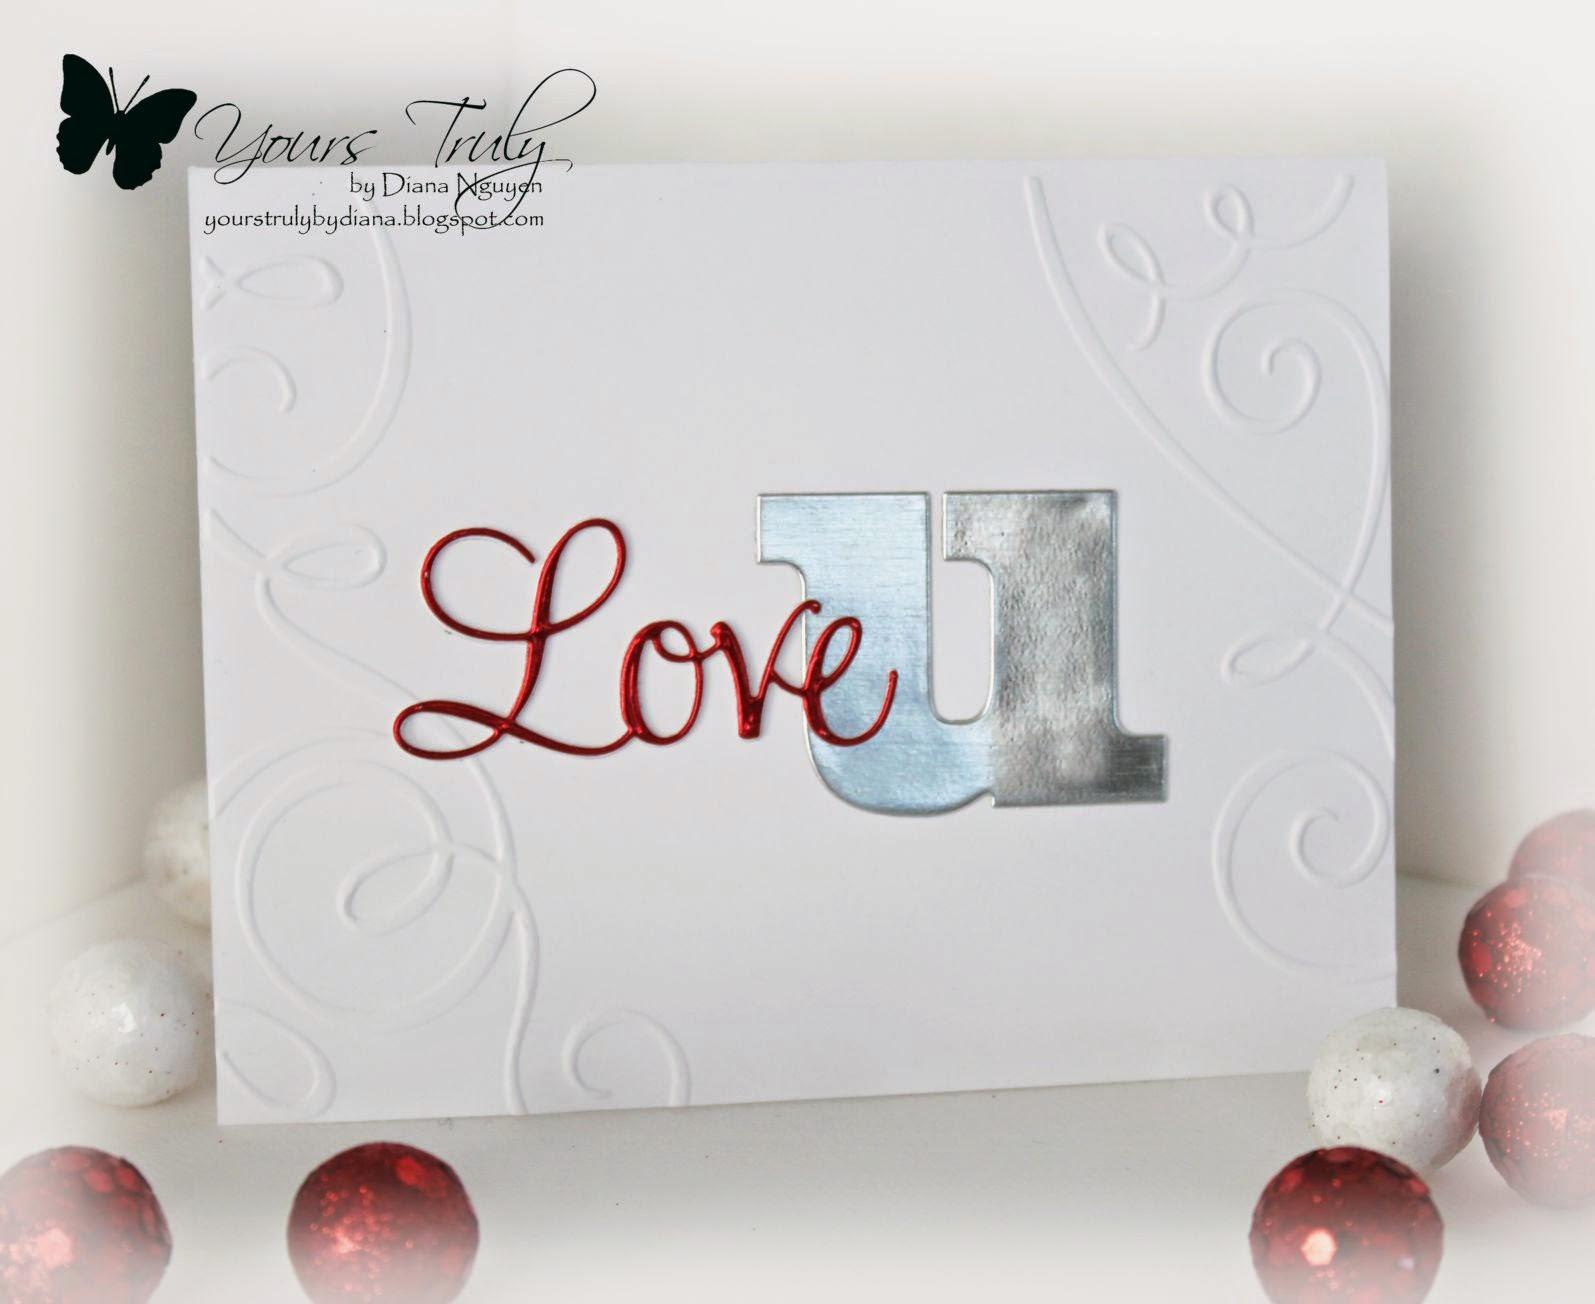 Diana Nguyen, Penny Black, love, Verve, CAS, card